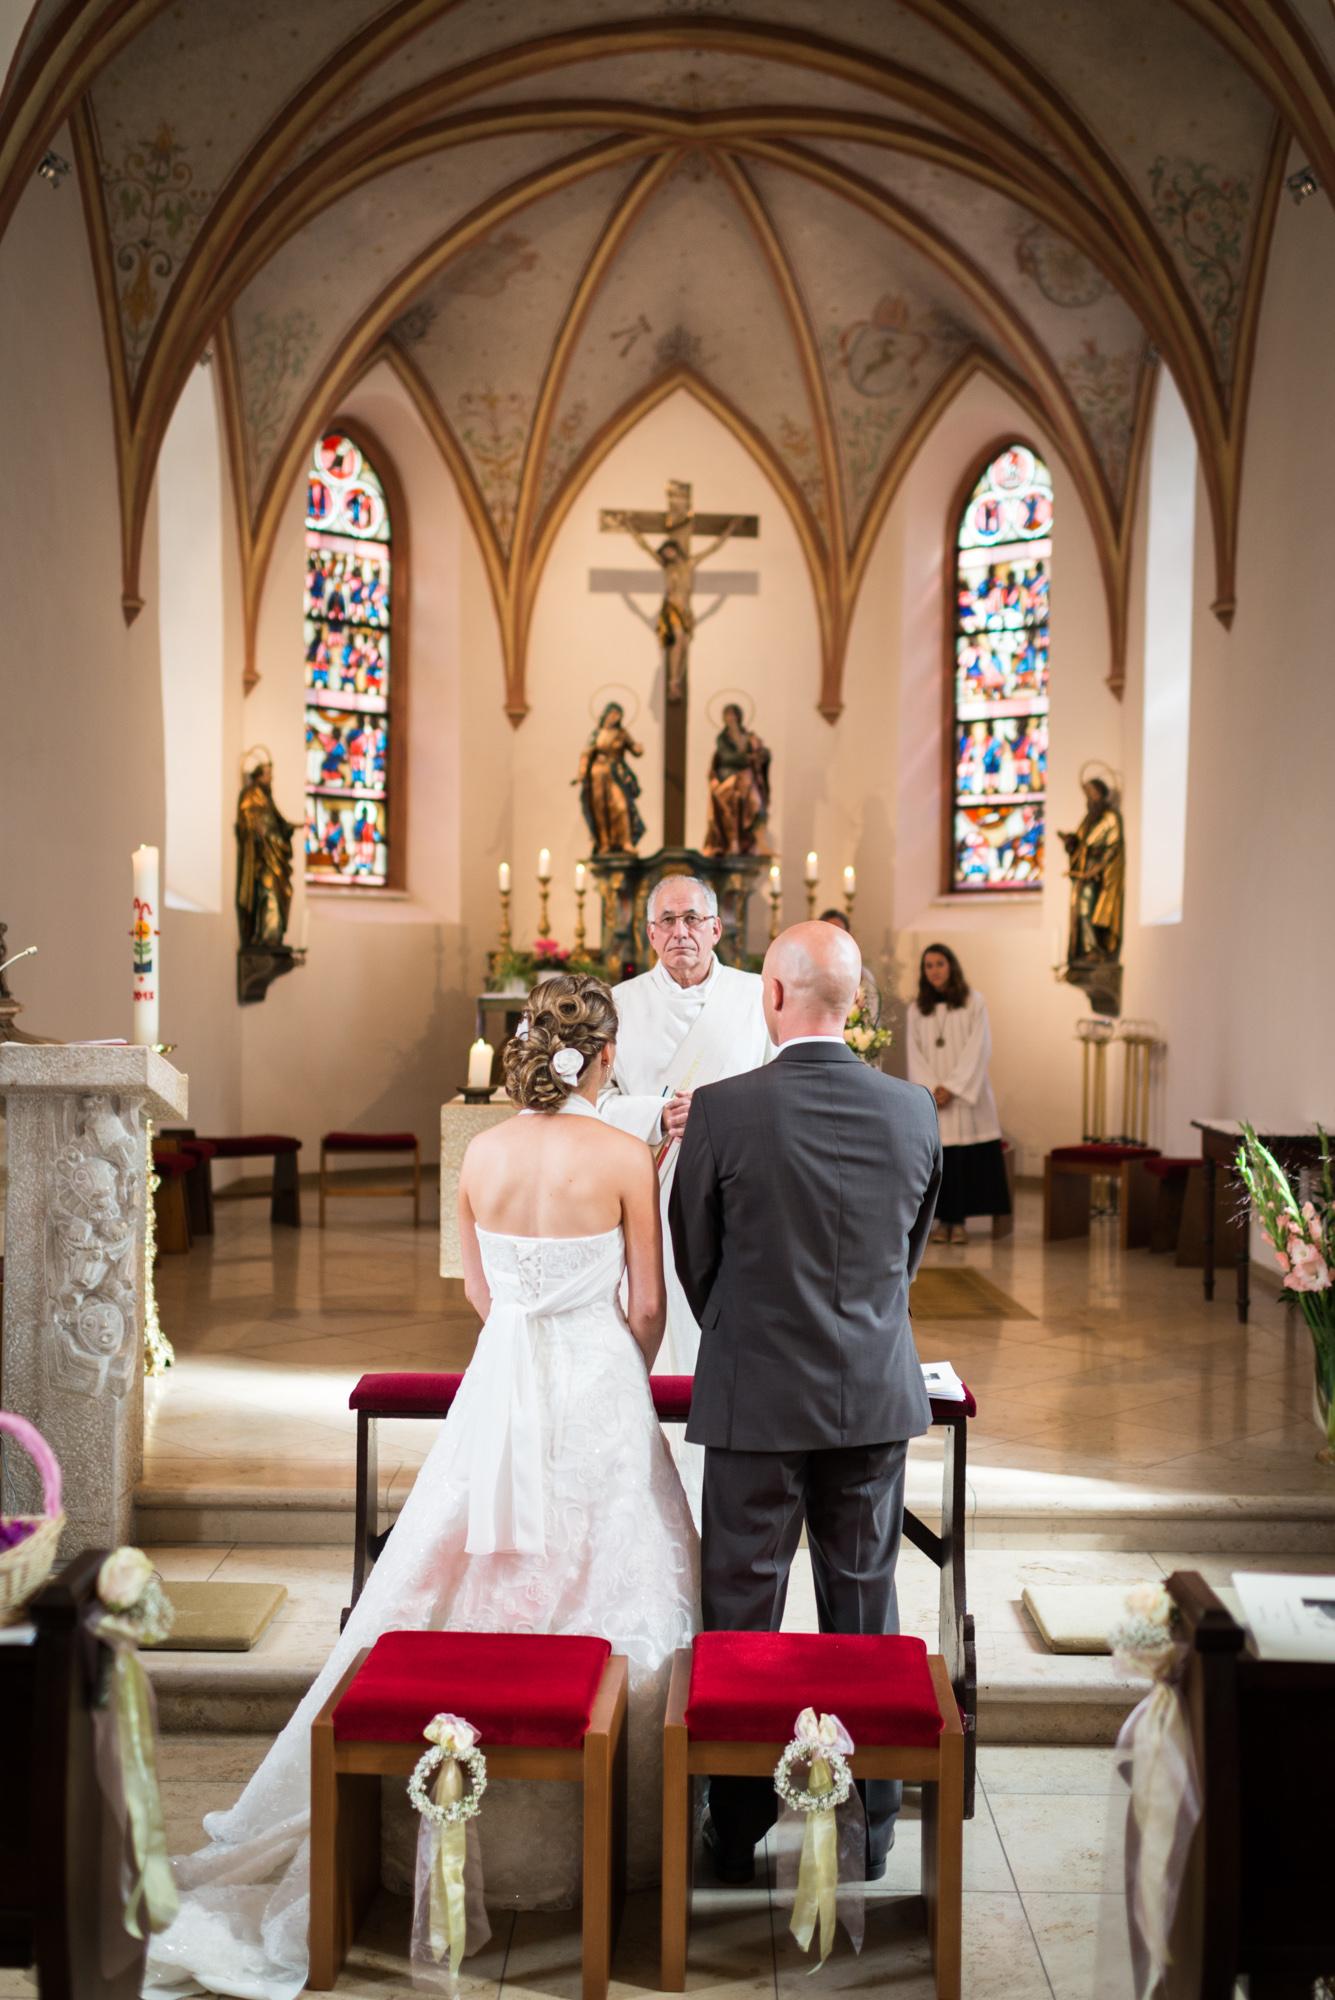 Fotograf Konstanz - Hochzeit Katja und Christian 78 - Als Hochzeitsfotograf in Bad Dürrheim unterwegs  - 33 -